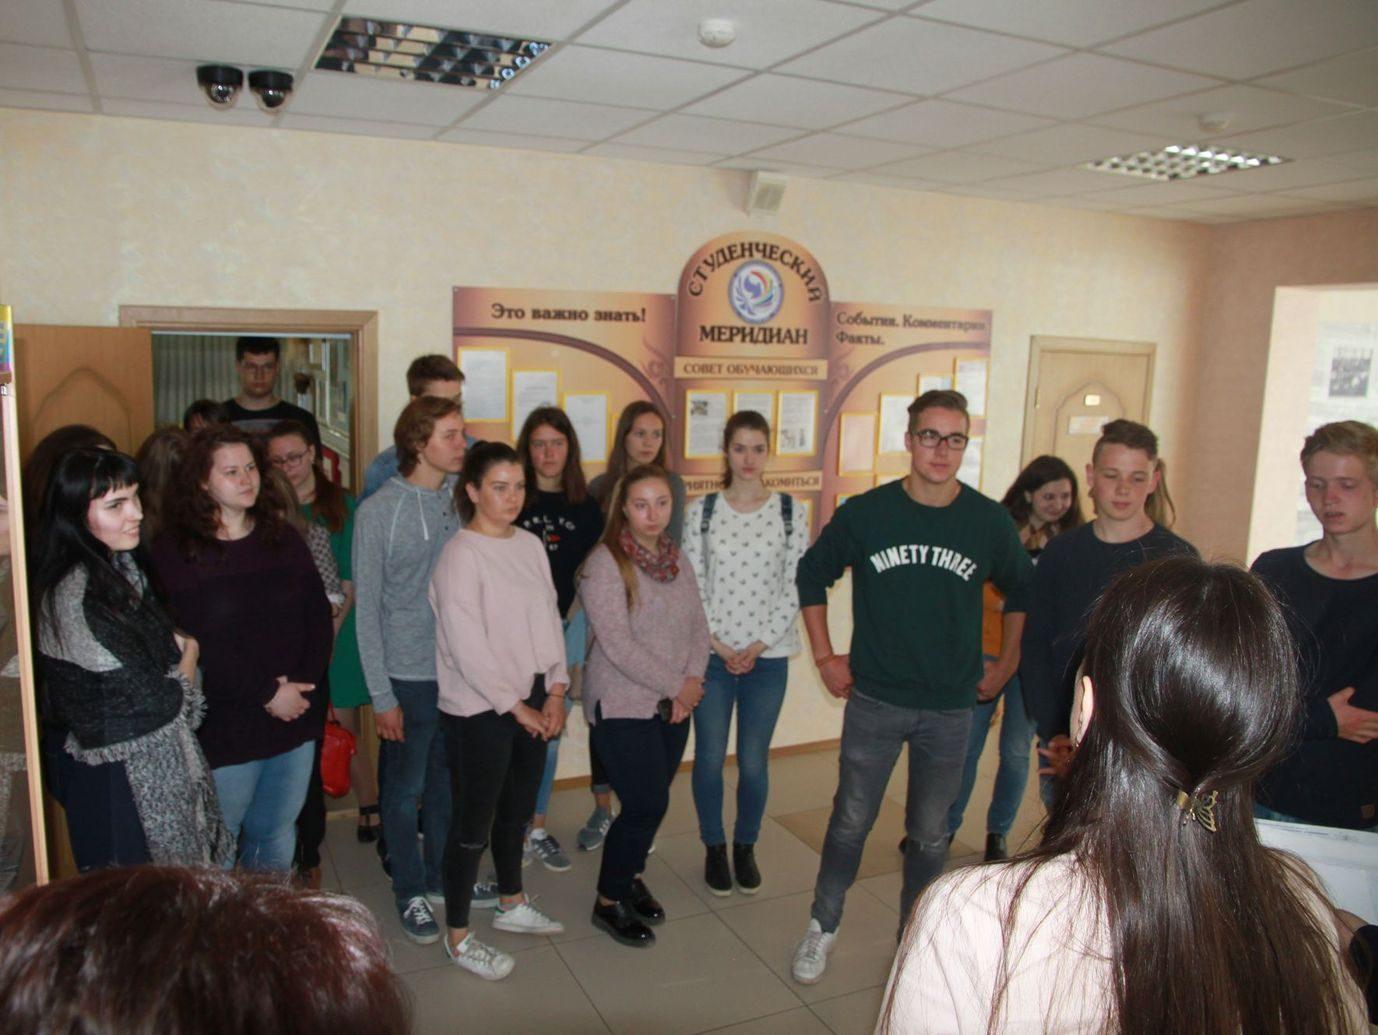 Schüleraustausch mit unserer Partnerschule in Serpuchow